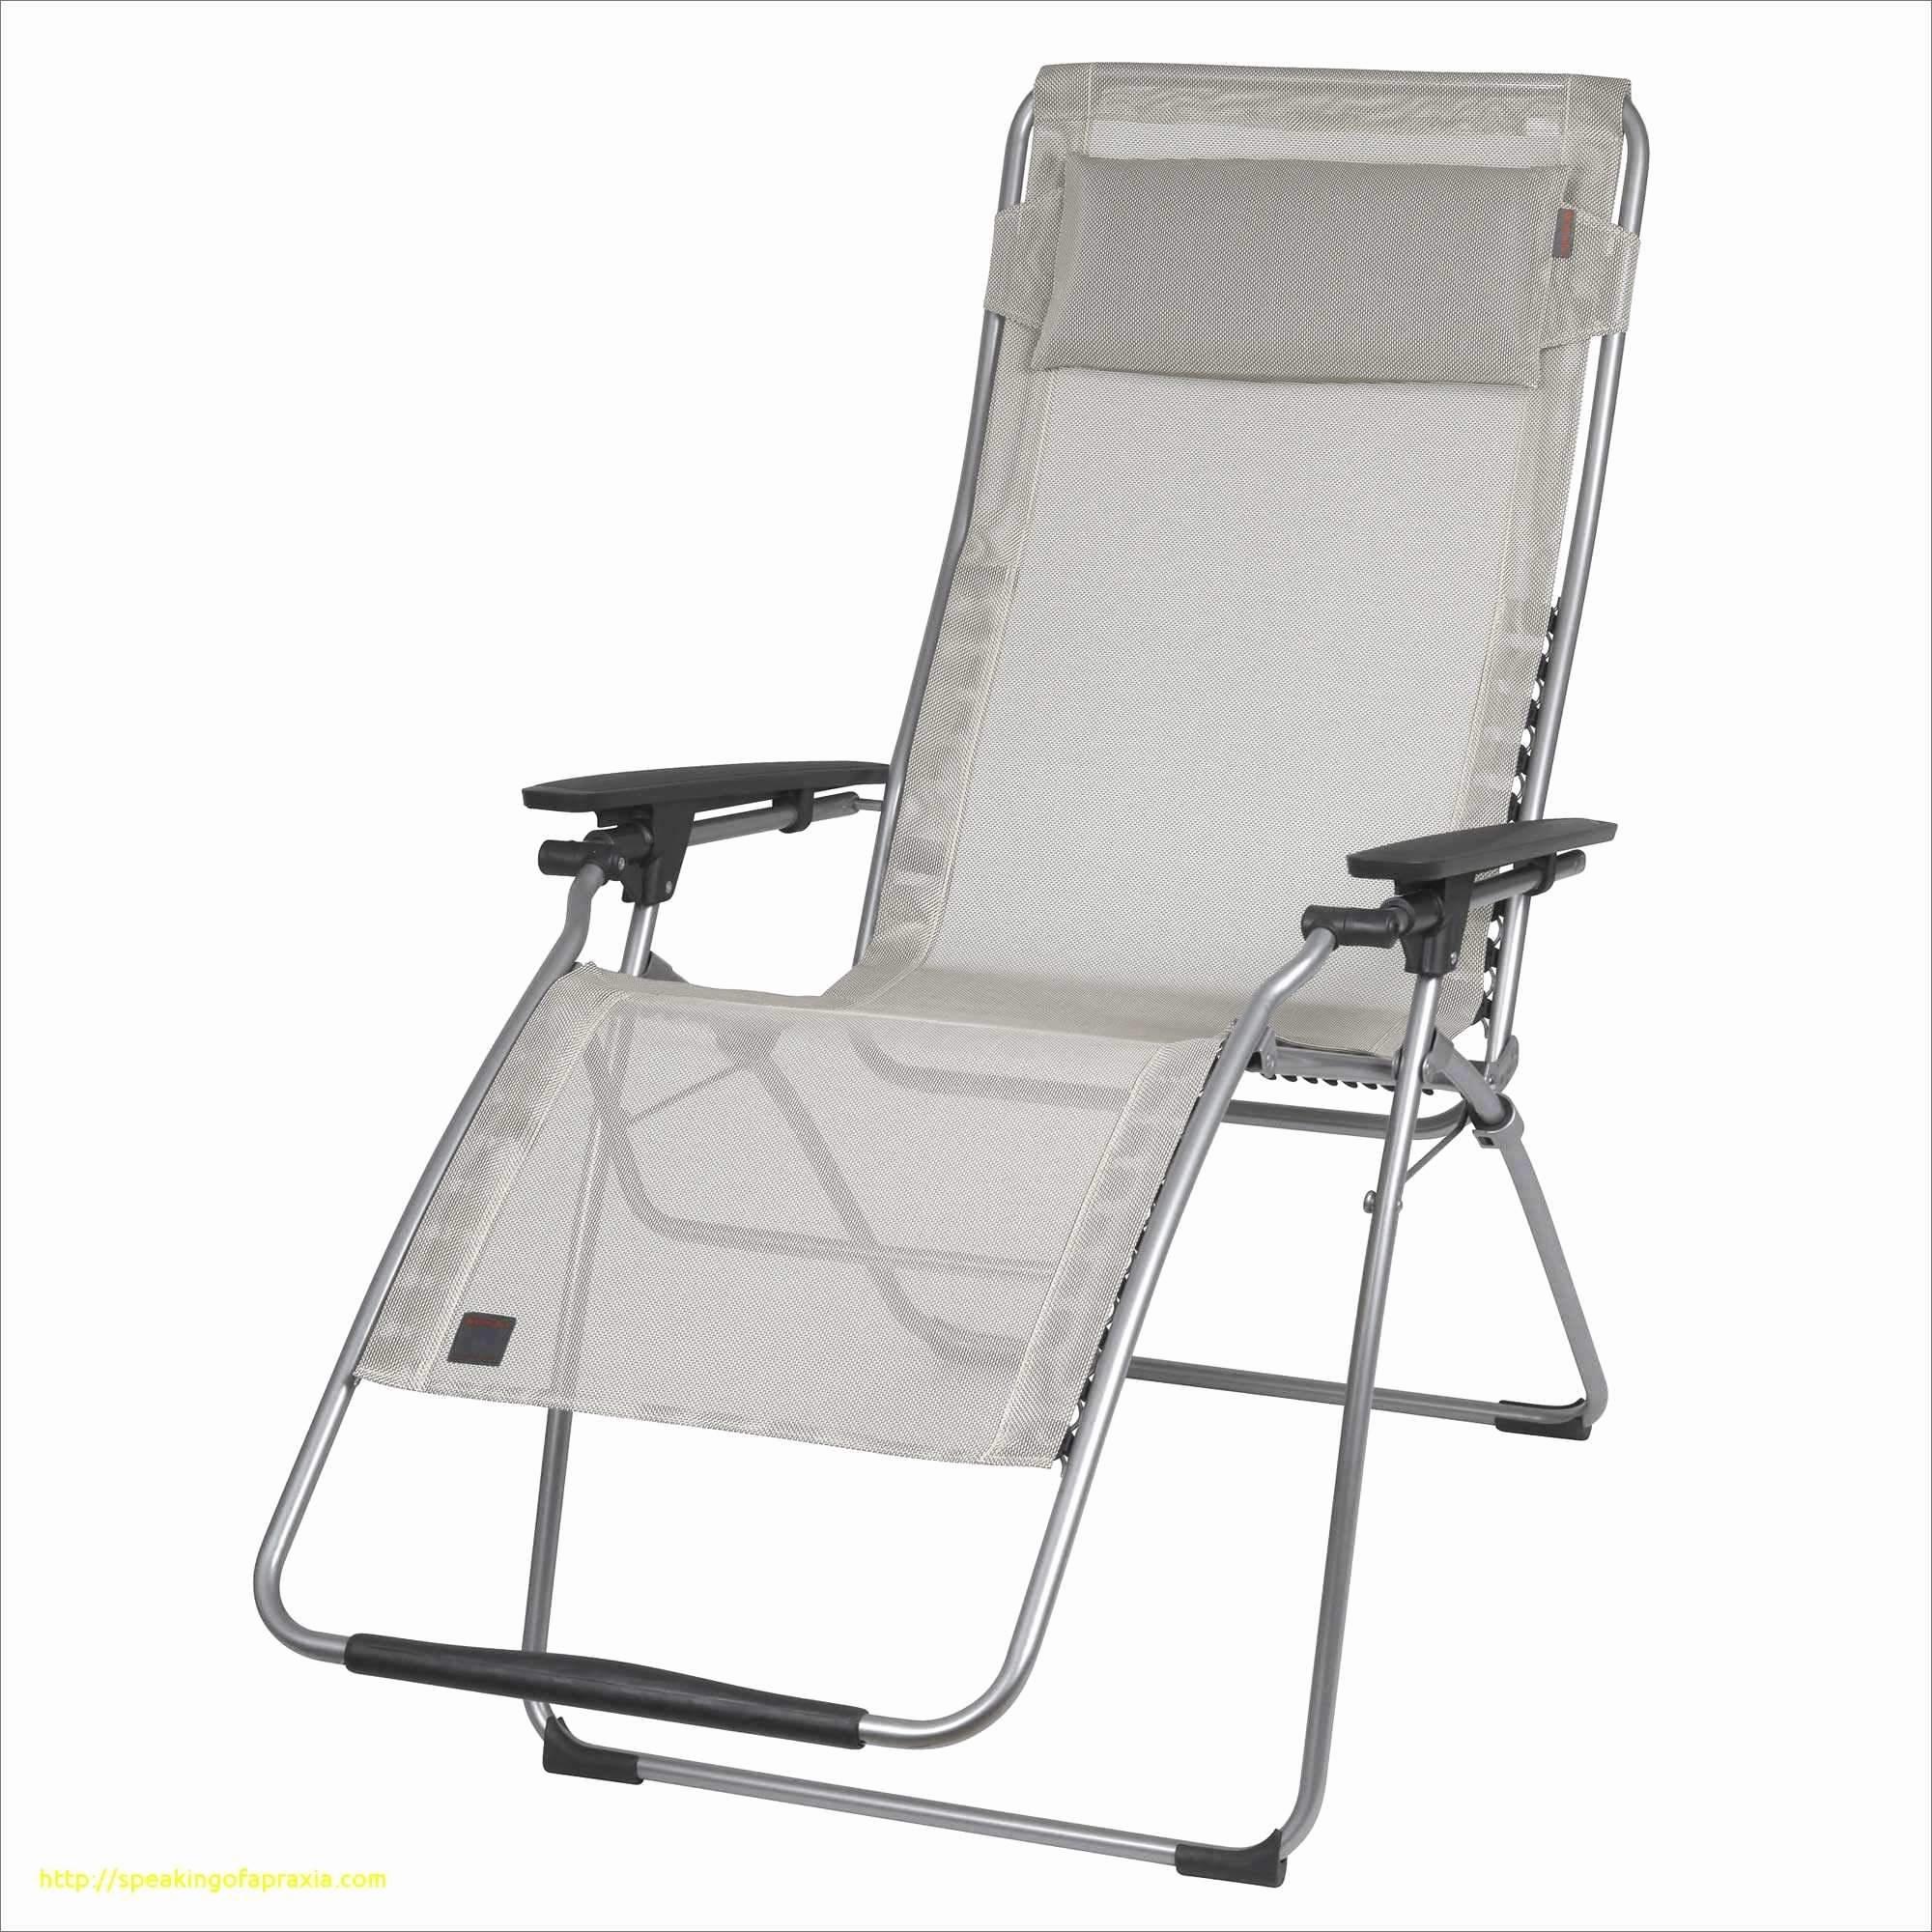 chaise de bureau carrefour meilleur de chaise basse de jardin chaise pliante carrefour canape carrefour 0d of chaise de bureau carrefour